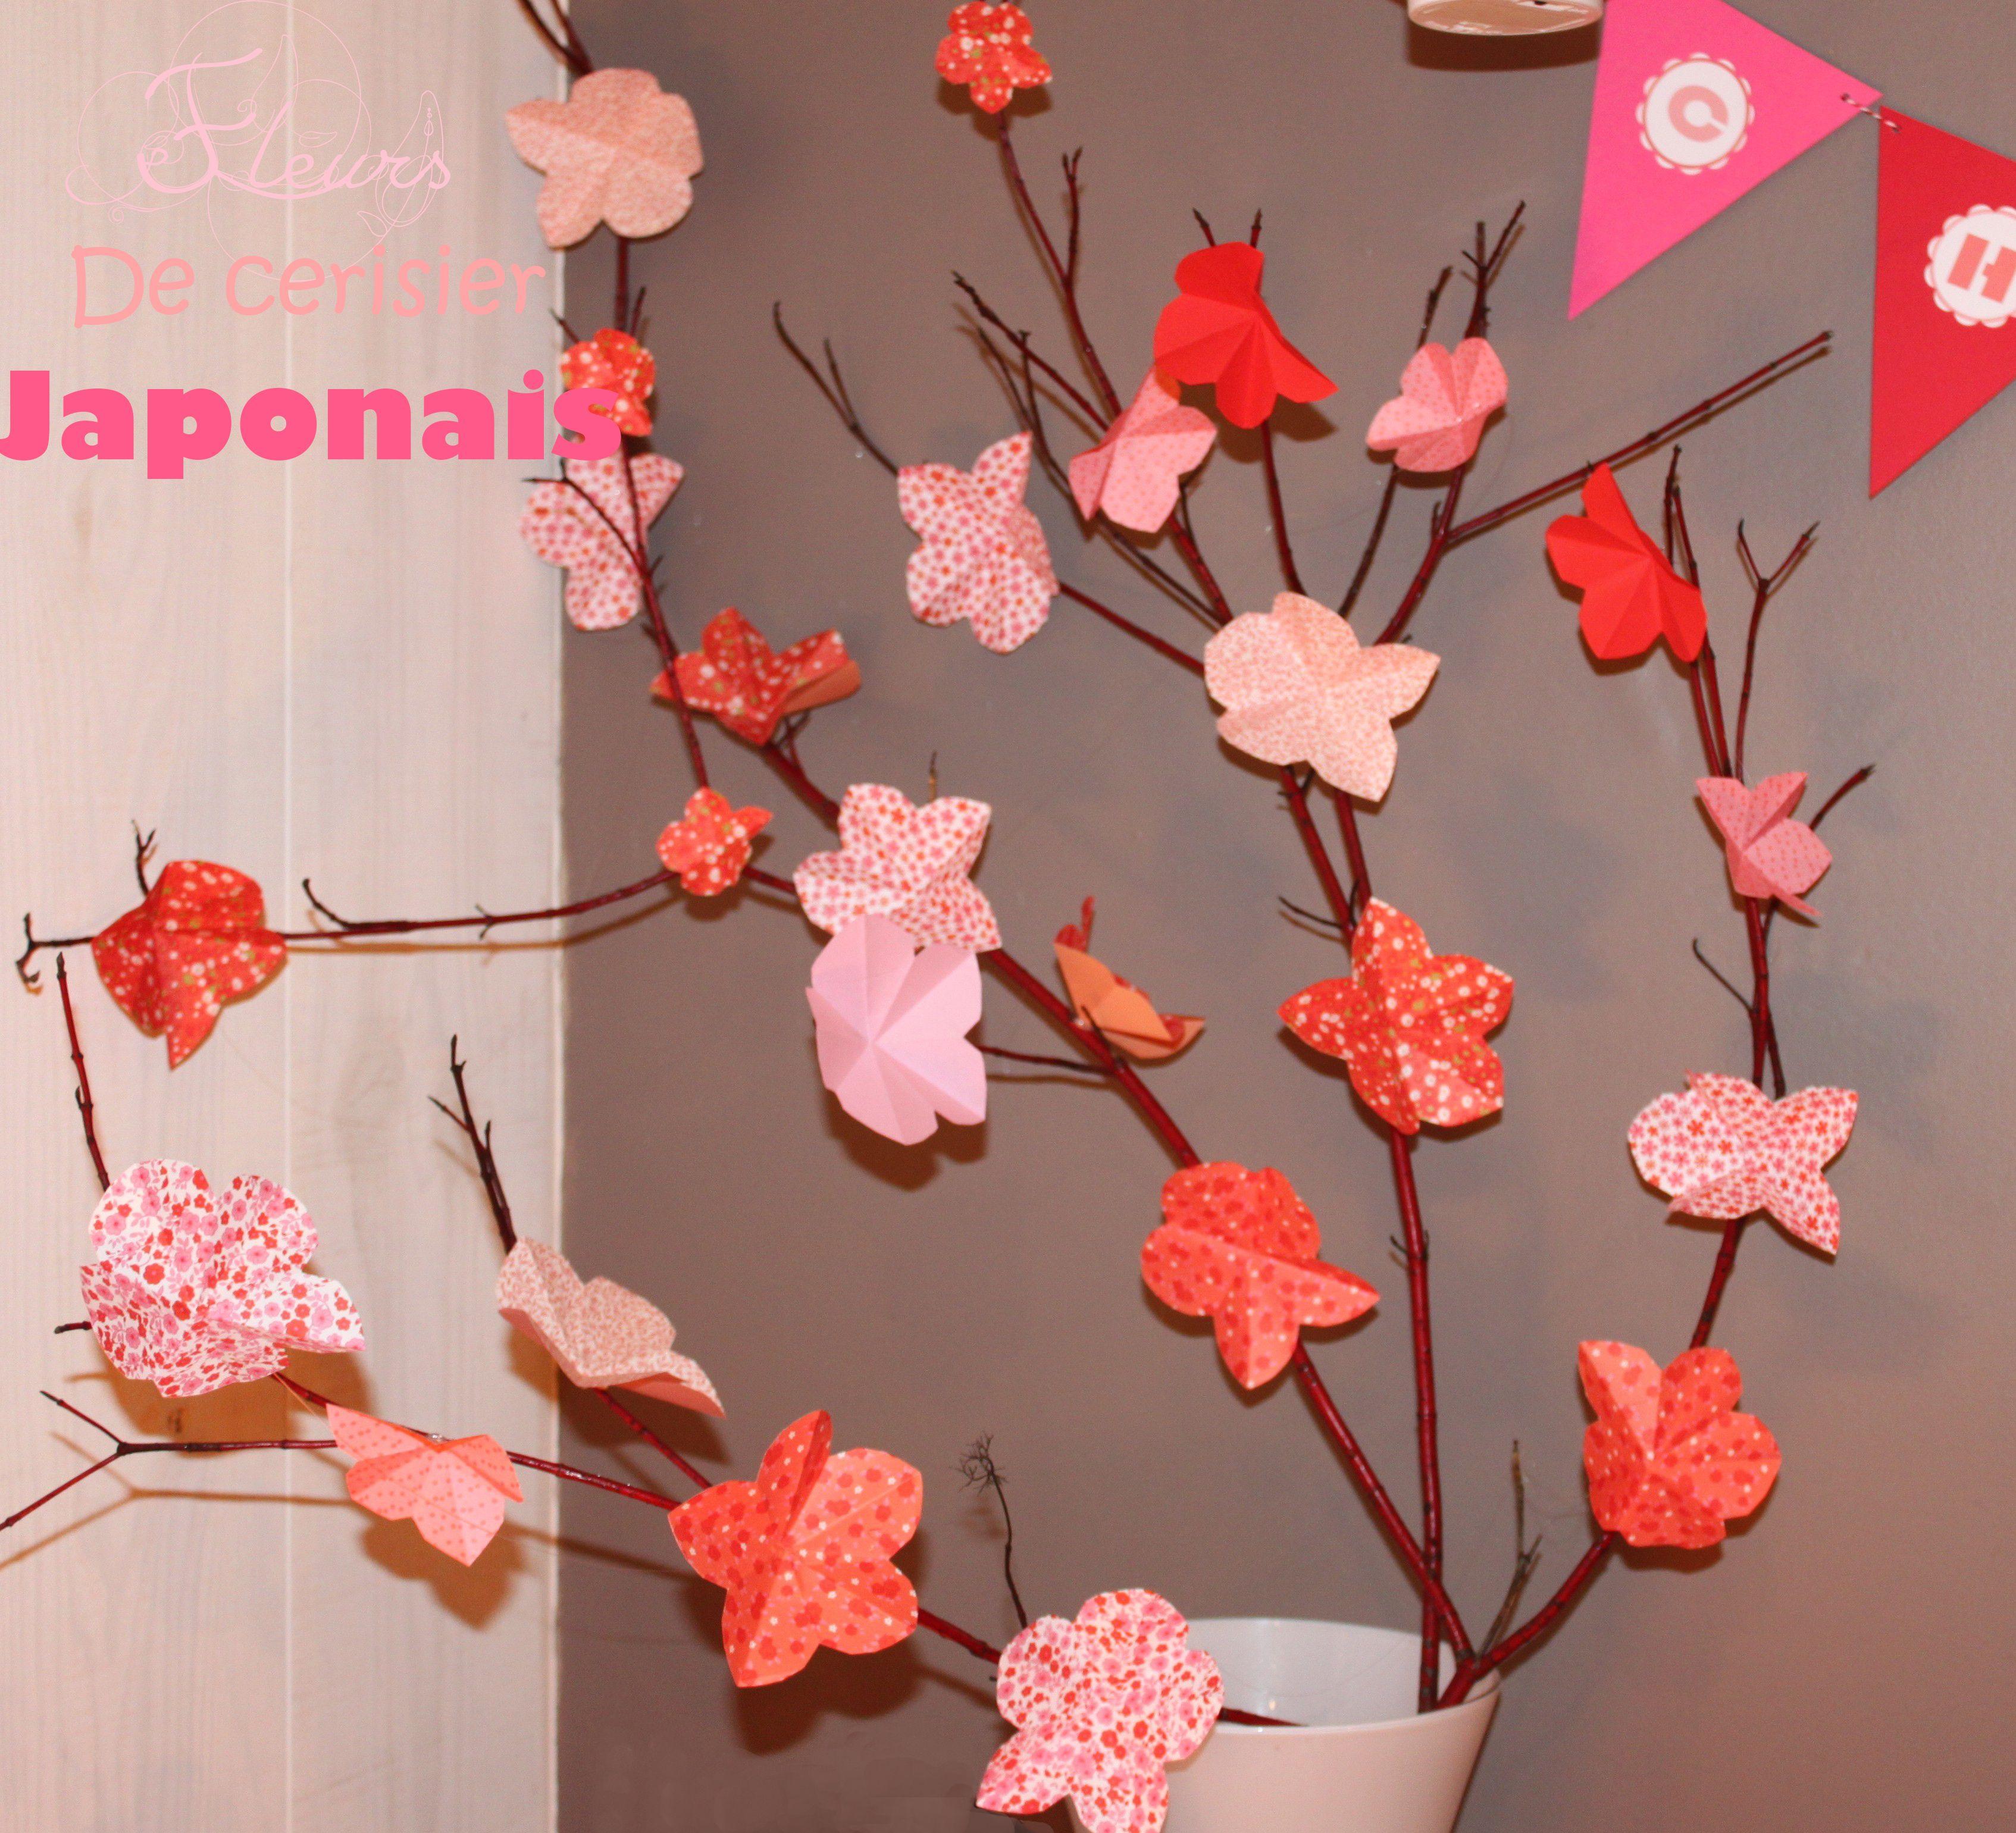 Diy cr er des fleurs de cerisiers japonais bricolage - Papier peint fleur de cerisier japonais ...